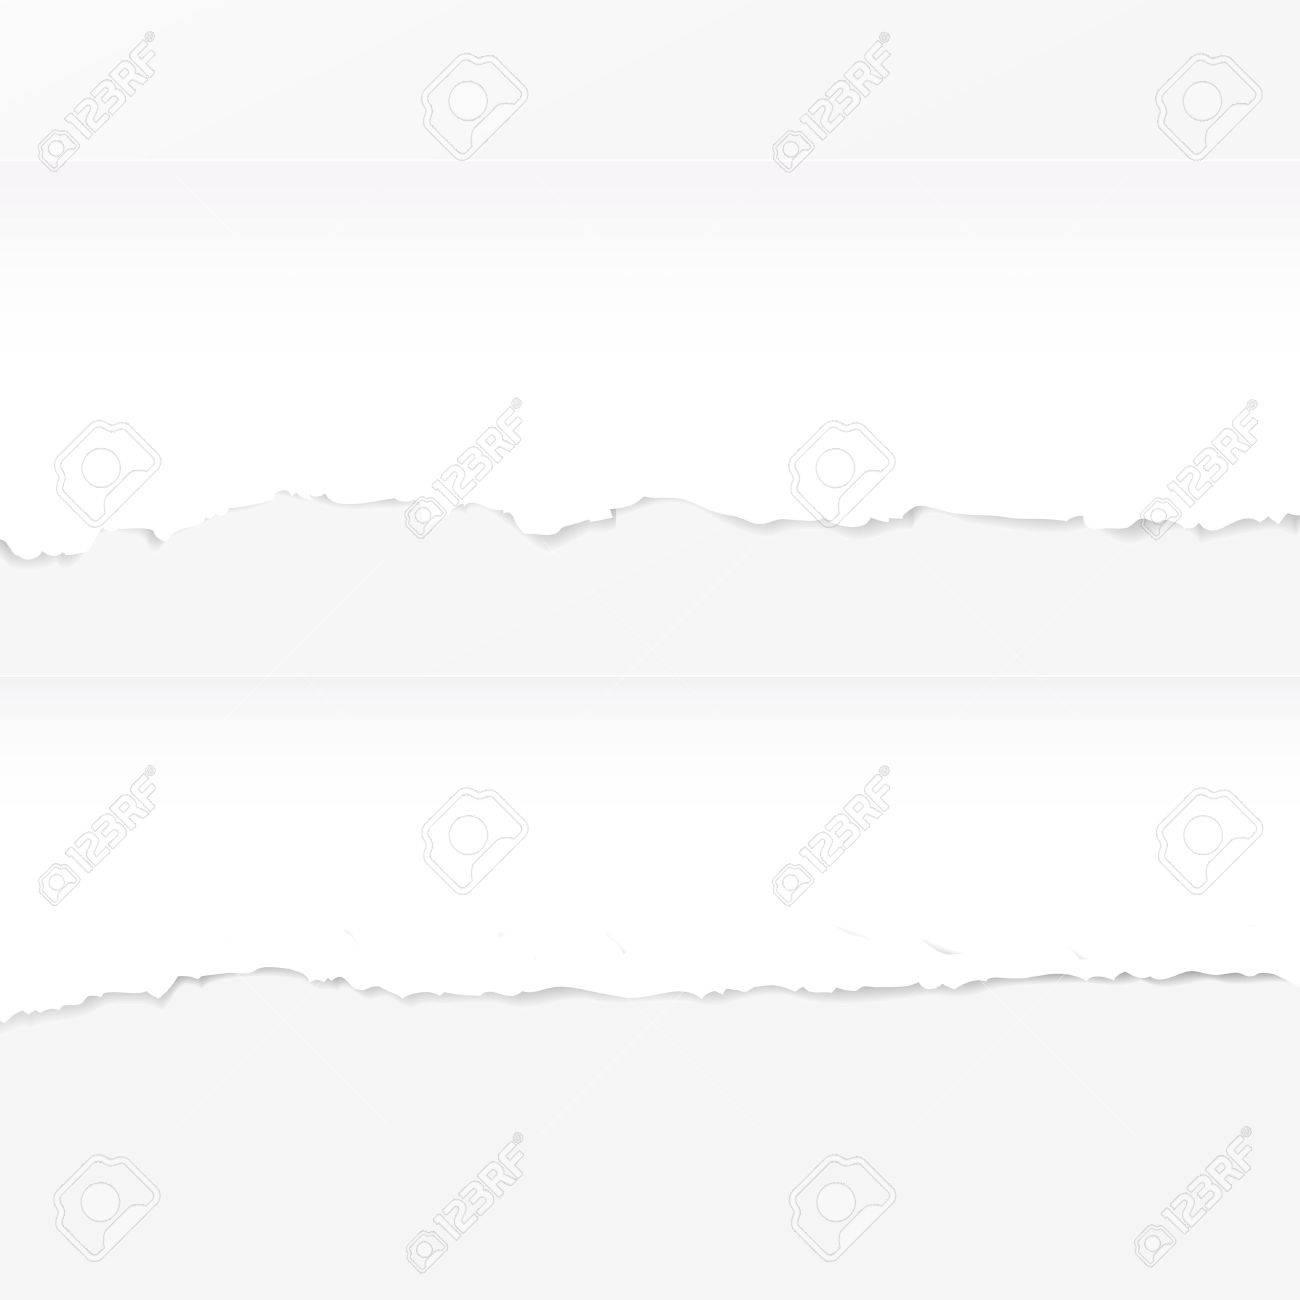 Wunderbar Papier Achterbahn Vorlage Fotos - Entry Level Resume ...